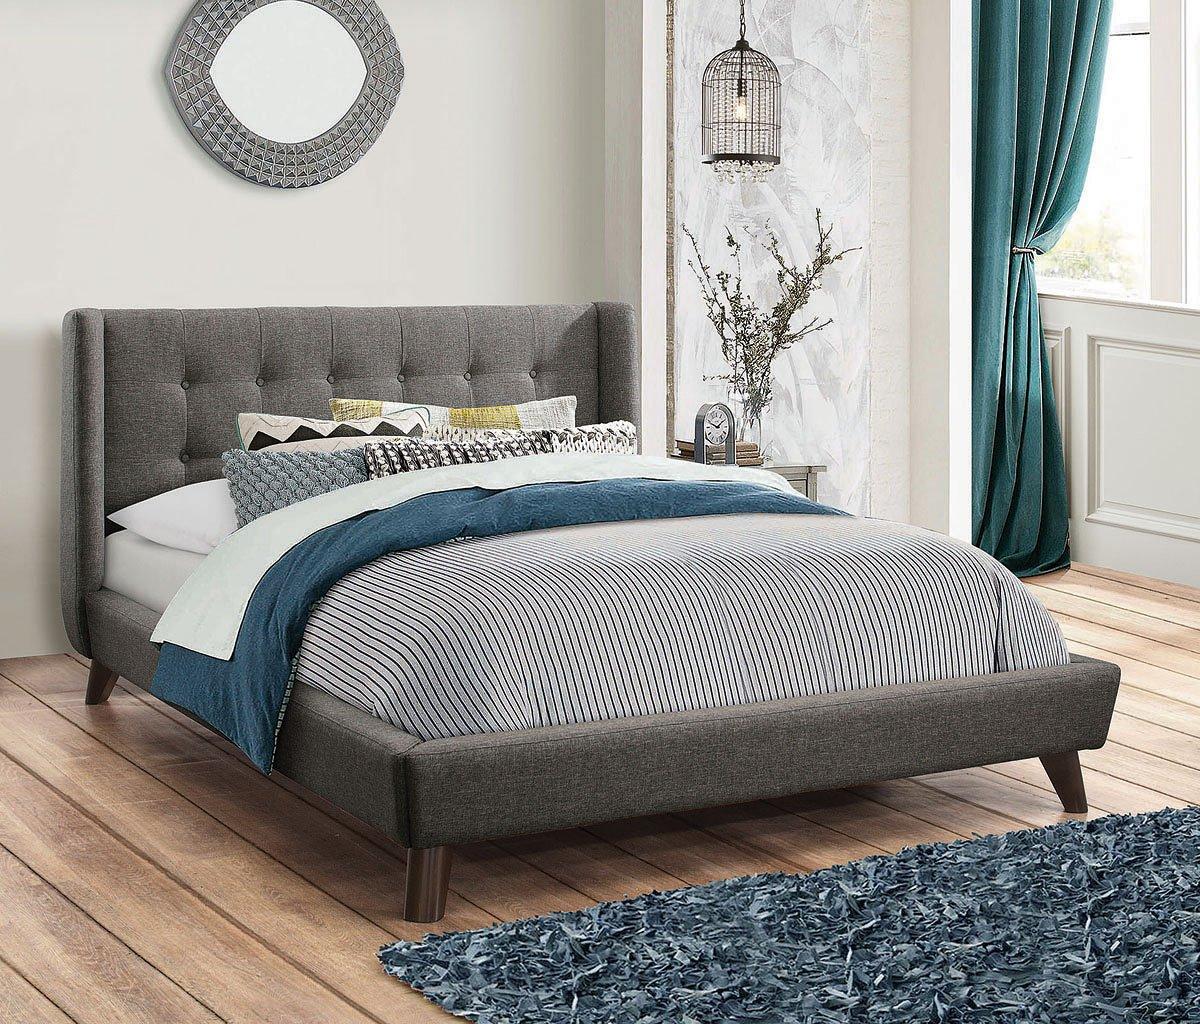 Carrington Upholstered Bed Coaster Furniture Furniture Cart - Carrington bedroom furniture